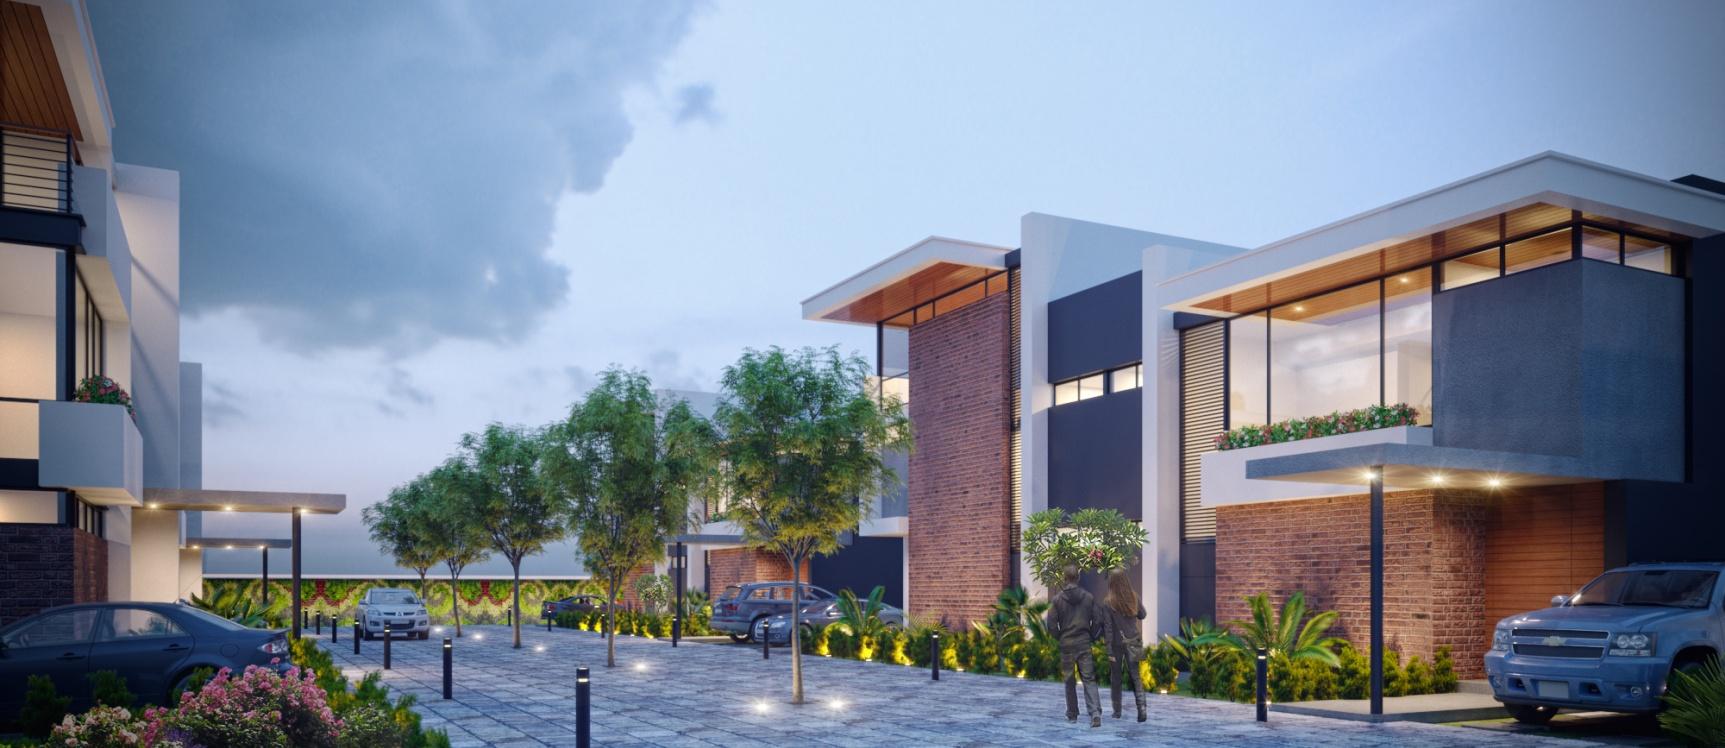 GeoBienes - San Esteban Townhouse 4 - Plusvalia Guayaquil Casas de venta y alquiler Inmobiliaria Ecuador